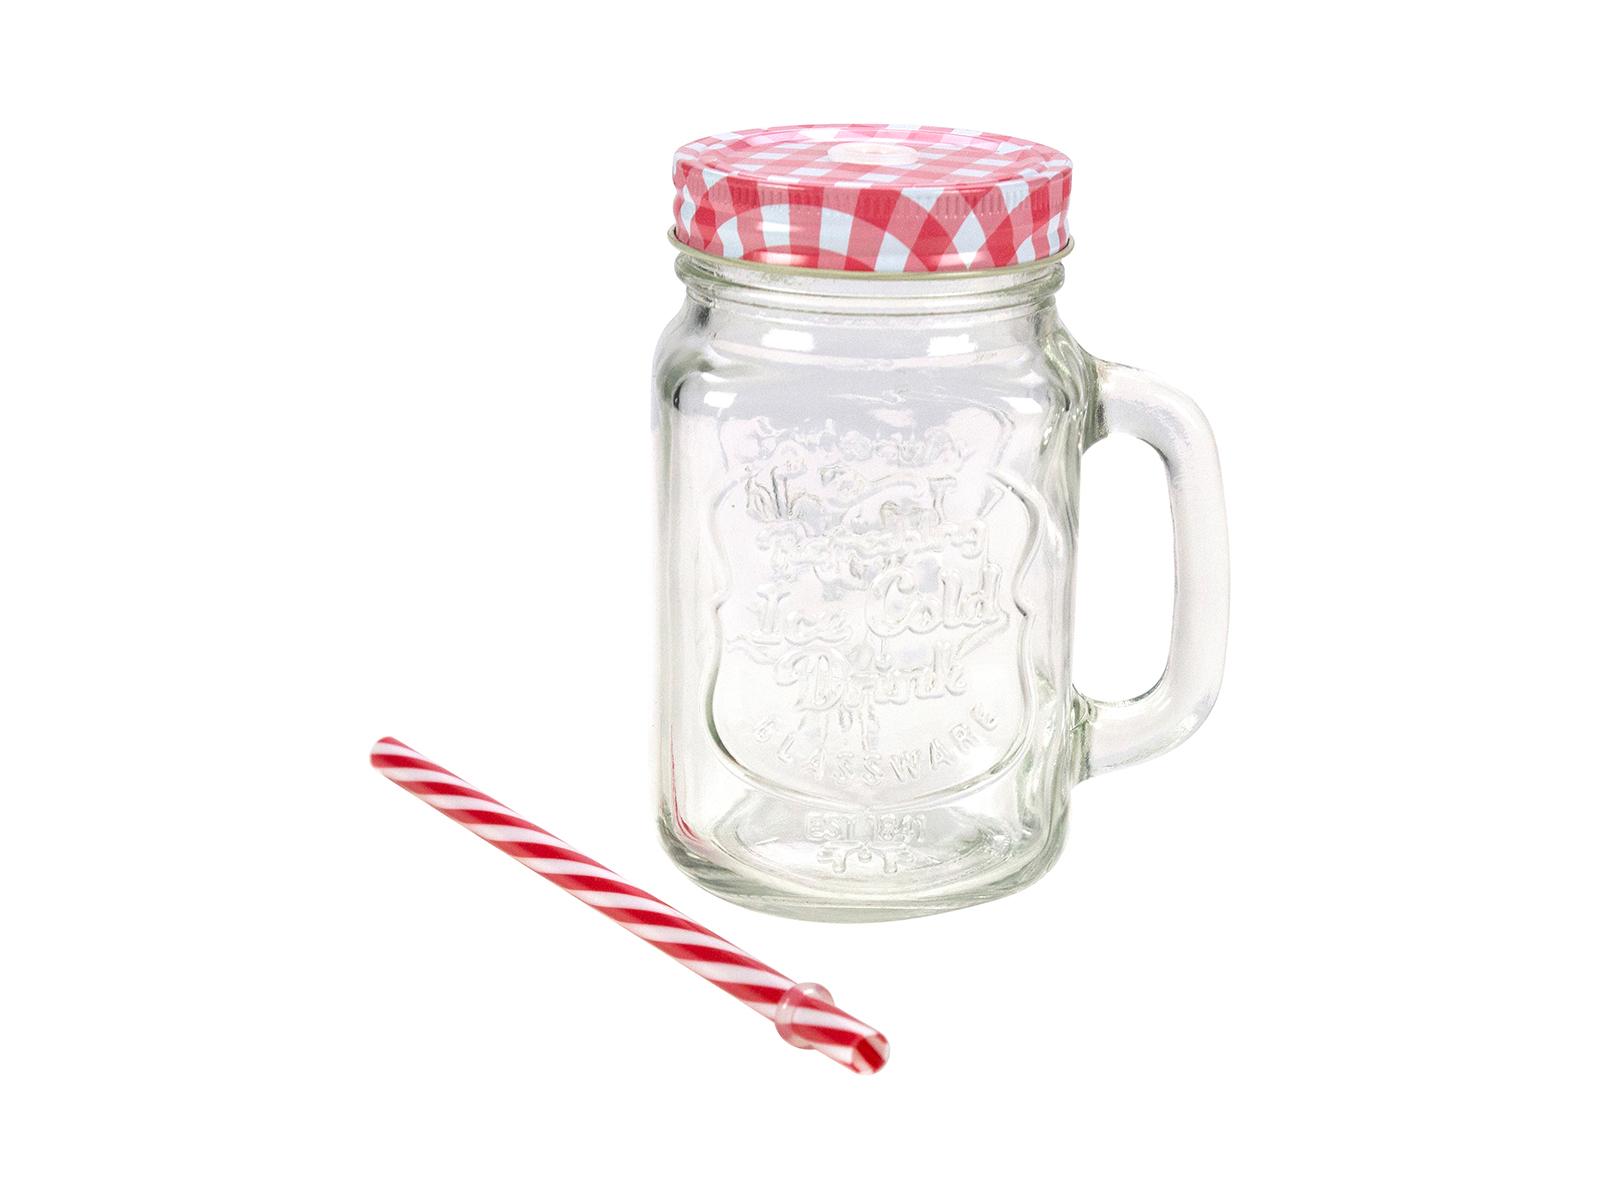 Кружка Mason JarПосуда<br>Кружка для напитков в форме банки с ручкой<br>